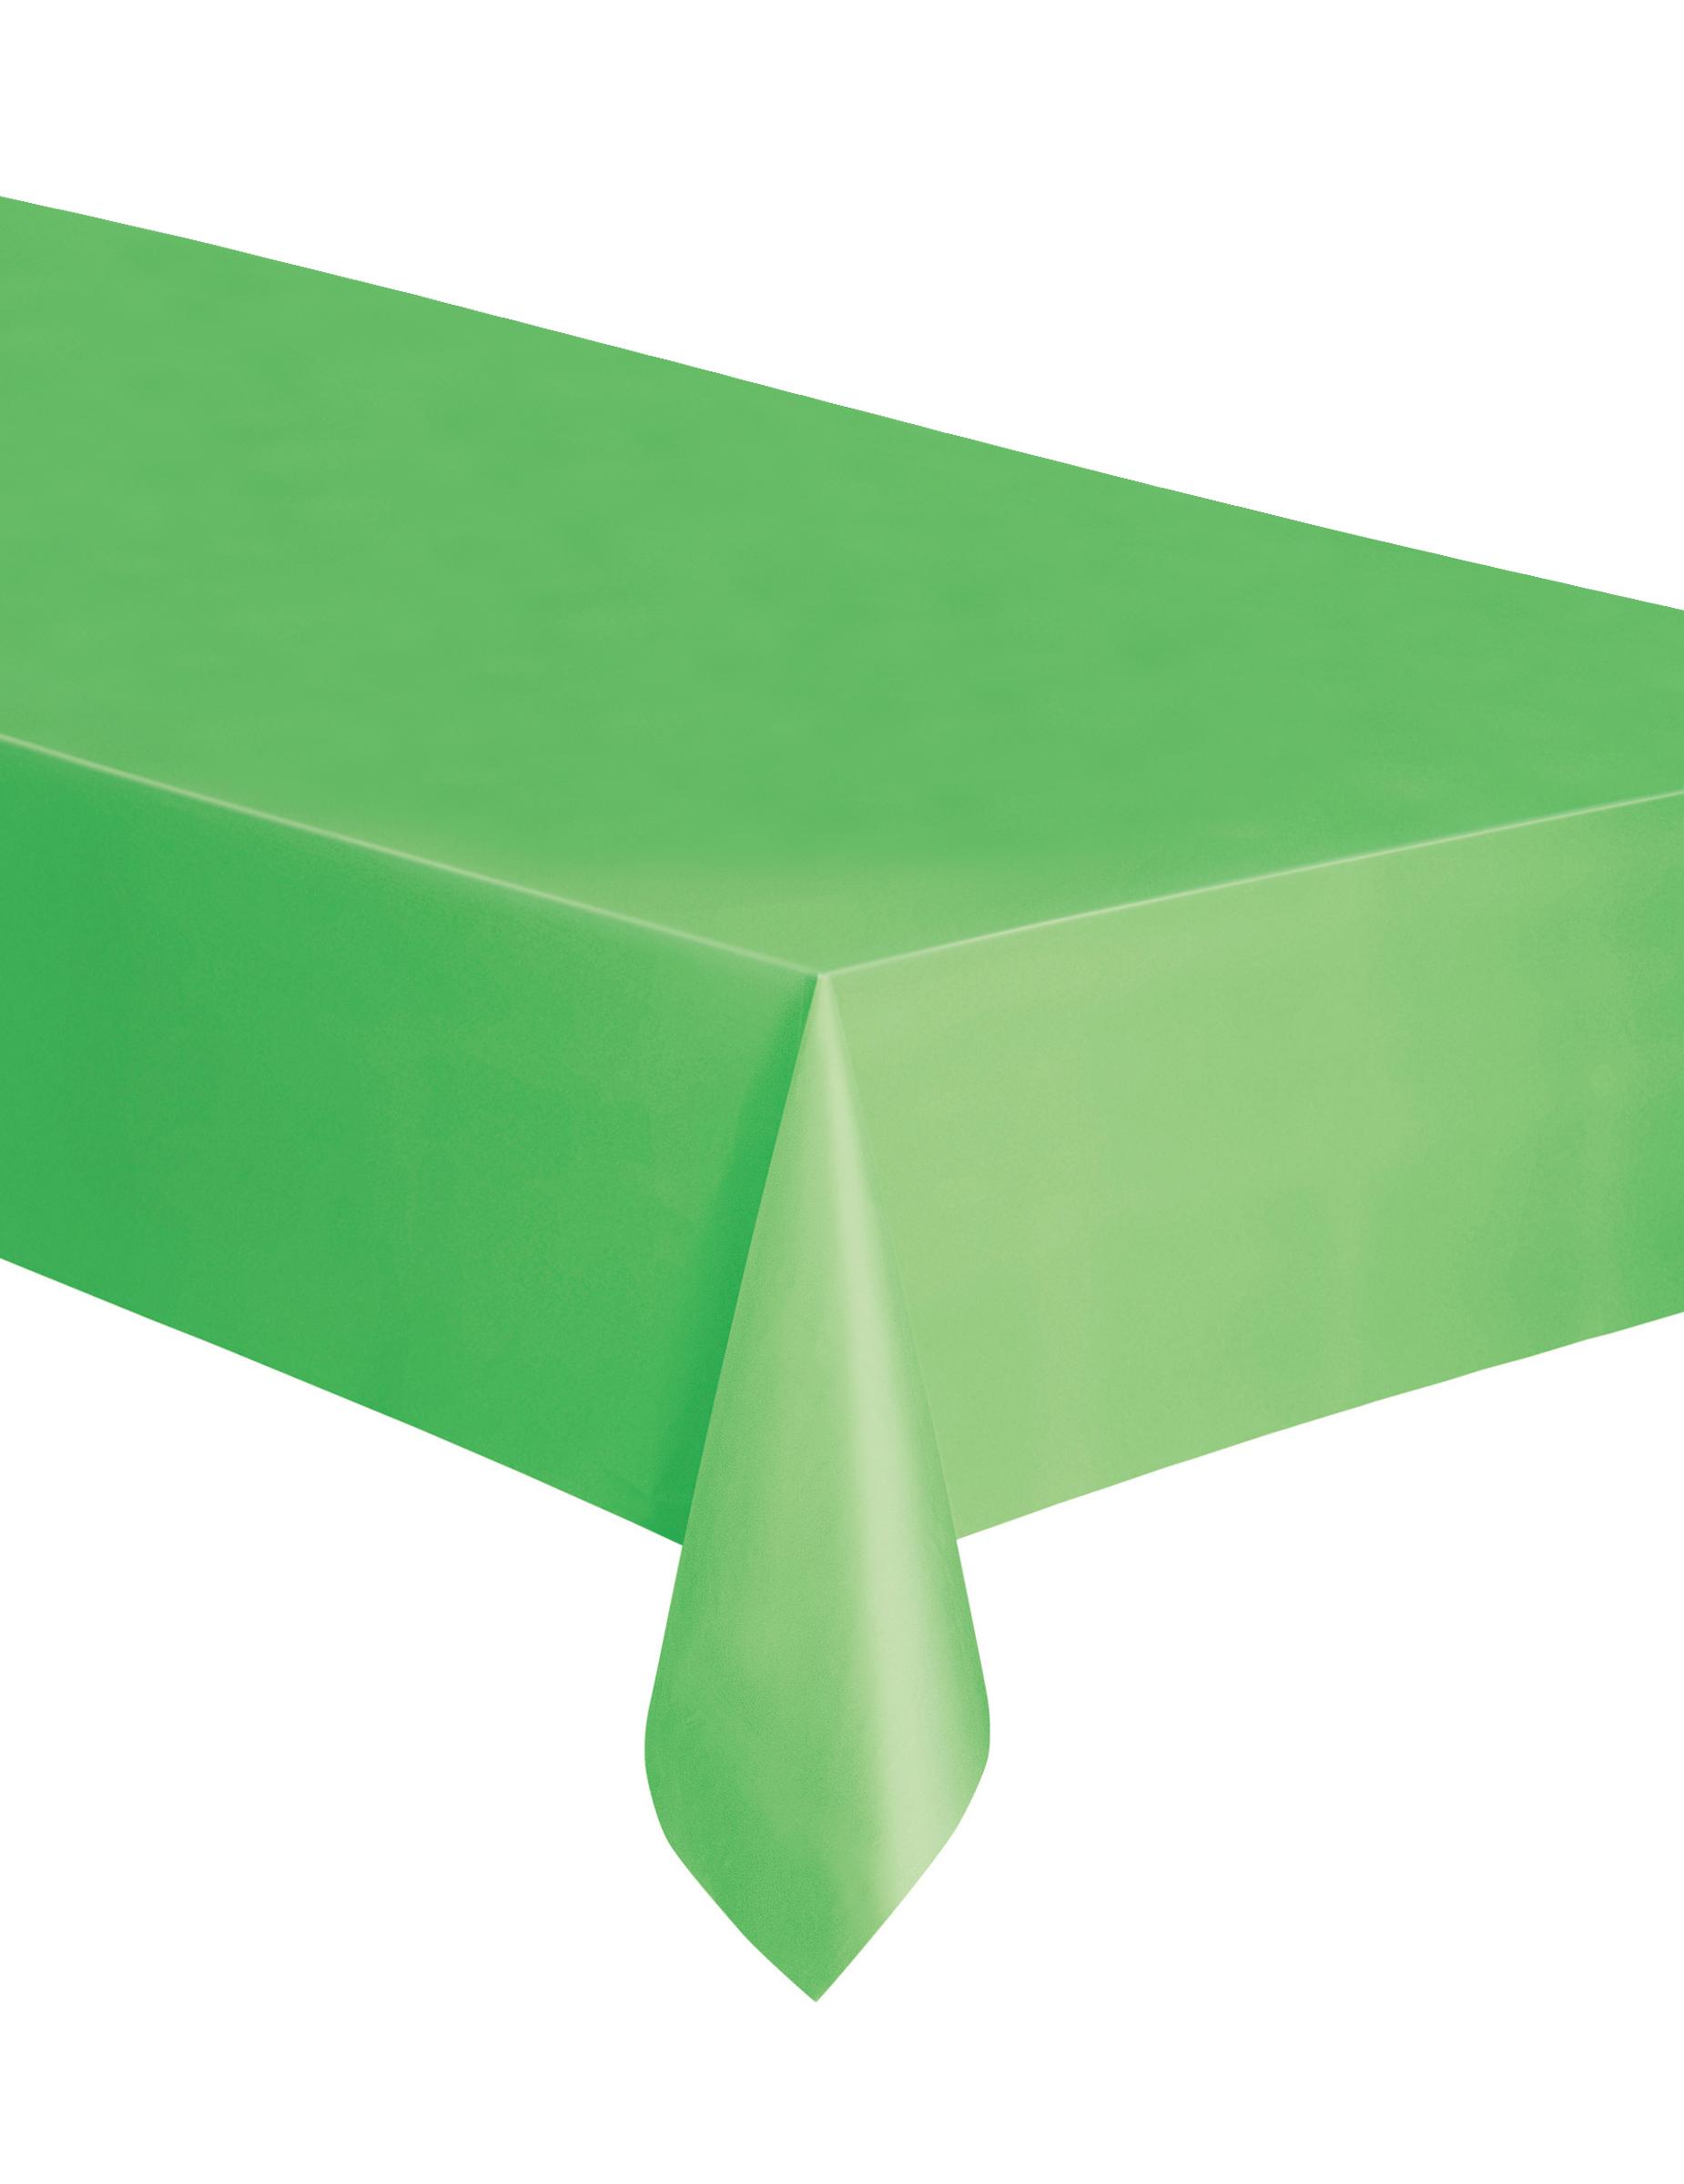 nappe rectangulaire en plastique vert citron 137 x 274 cm d coration anniversaire et f tes. Black Bedroom Furniture Sets. Home Design Ideas